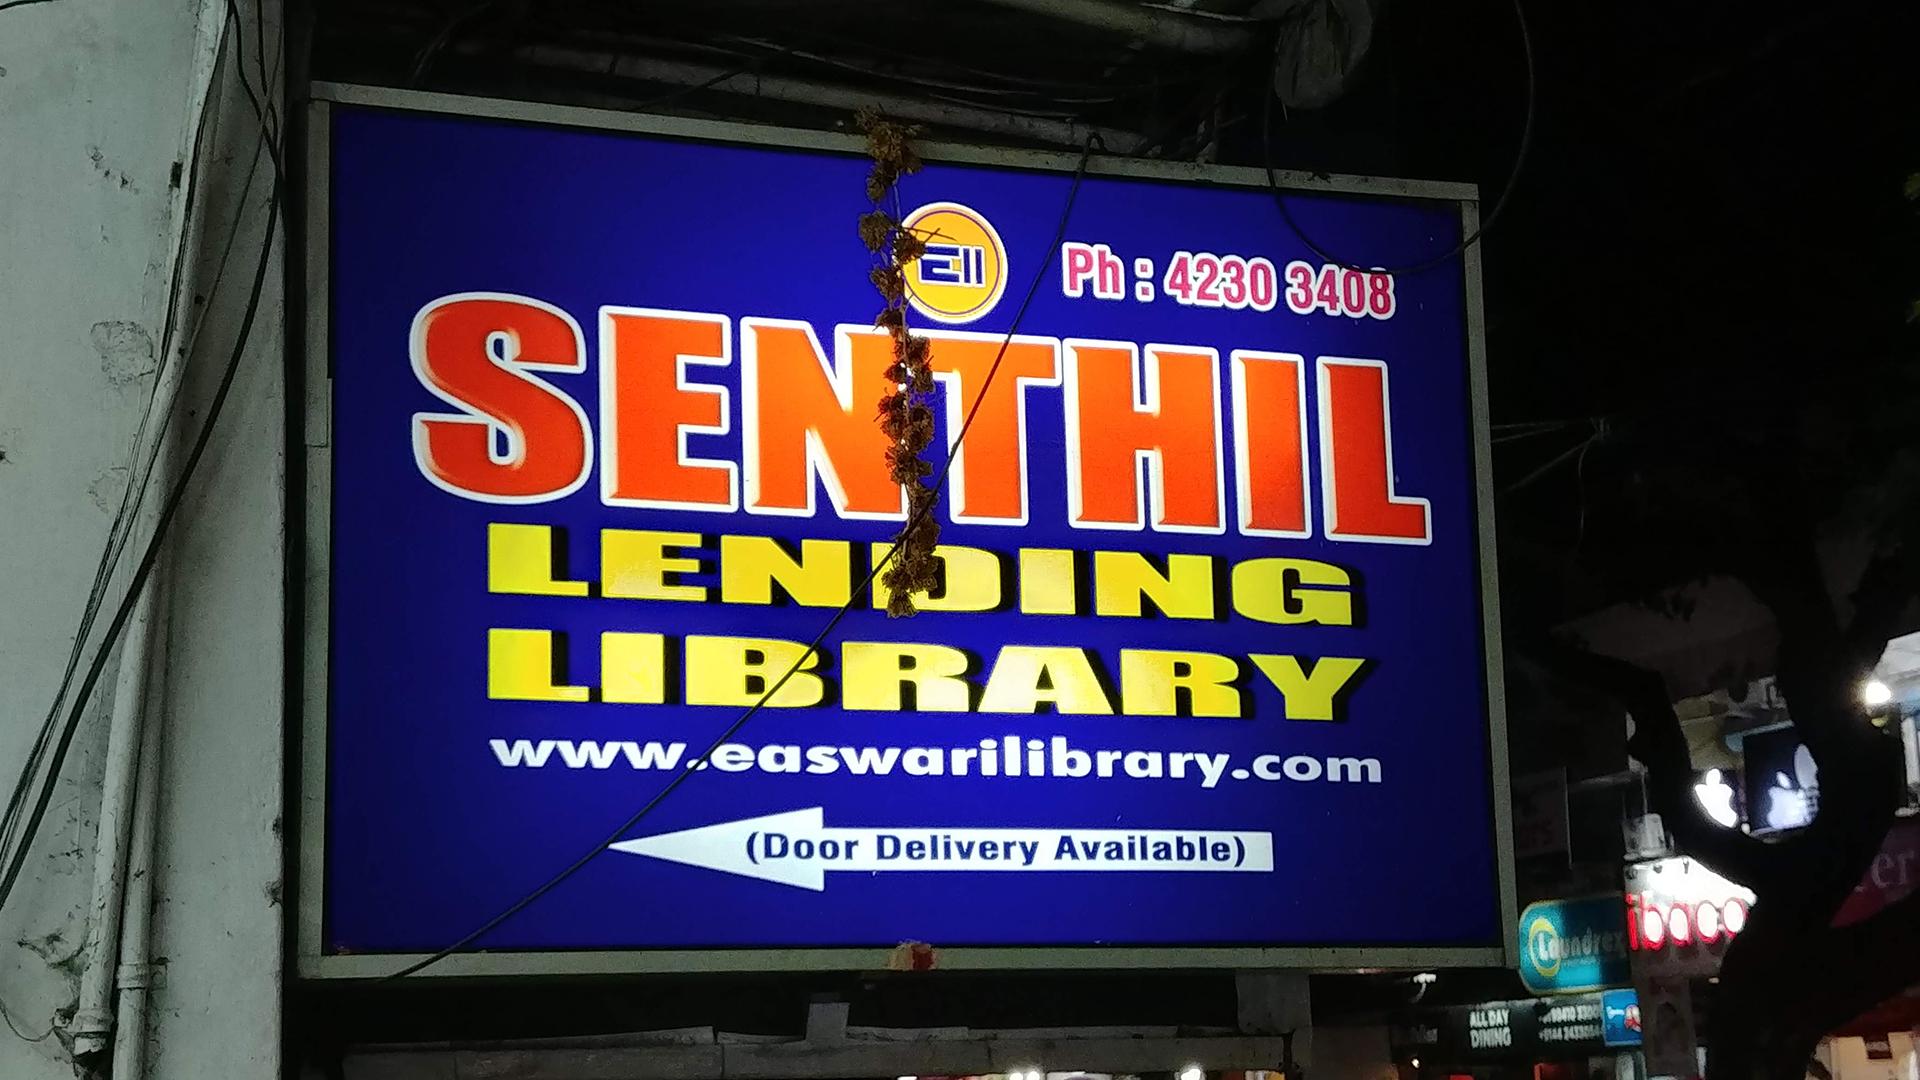 Senthil Lending Library.